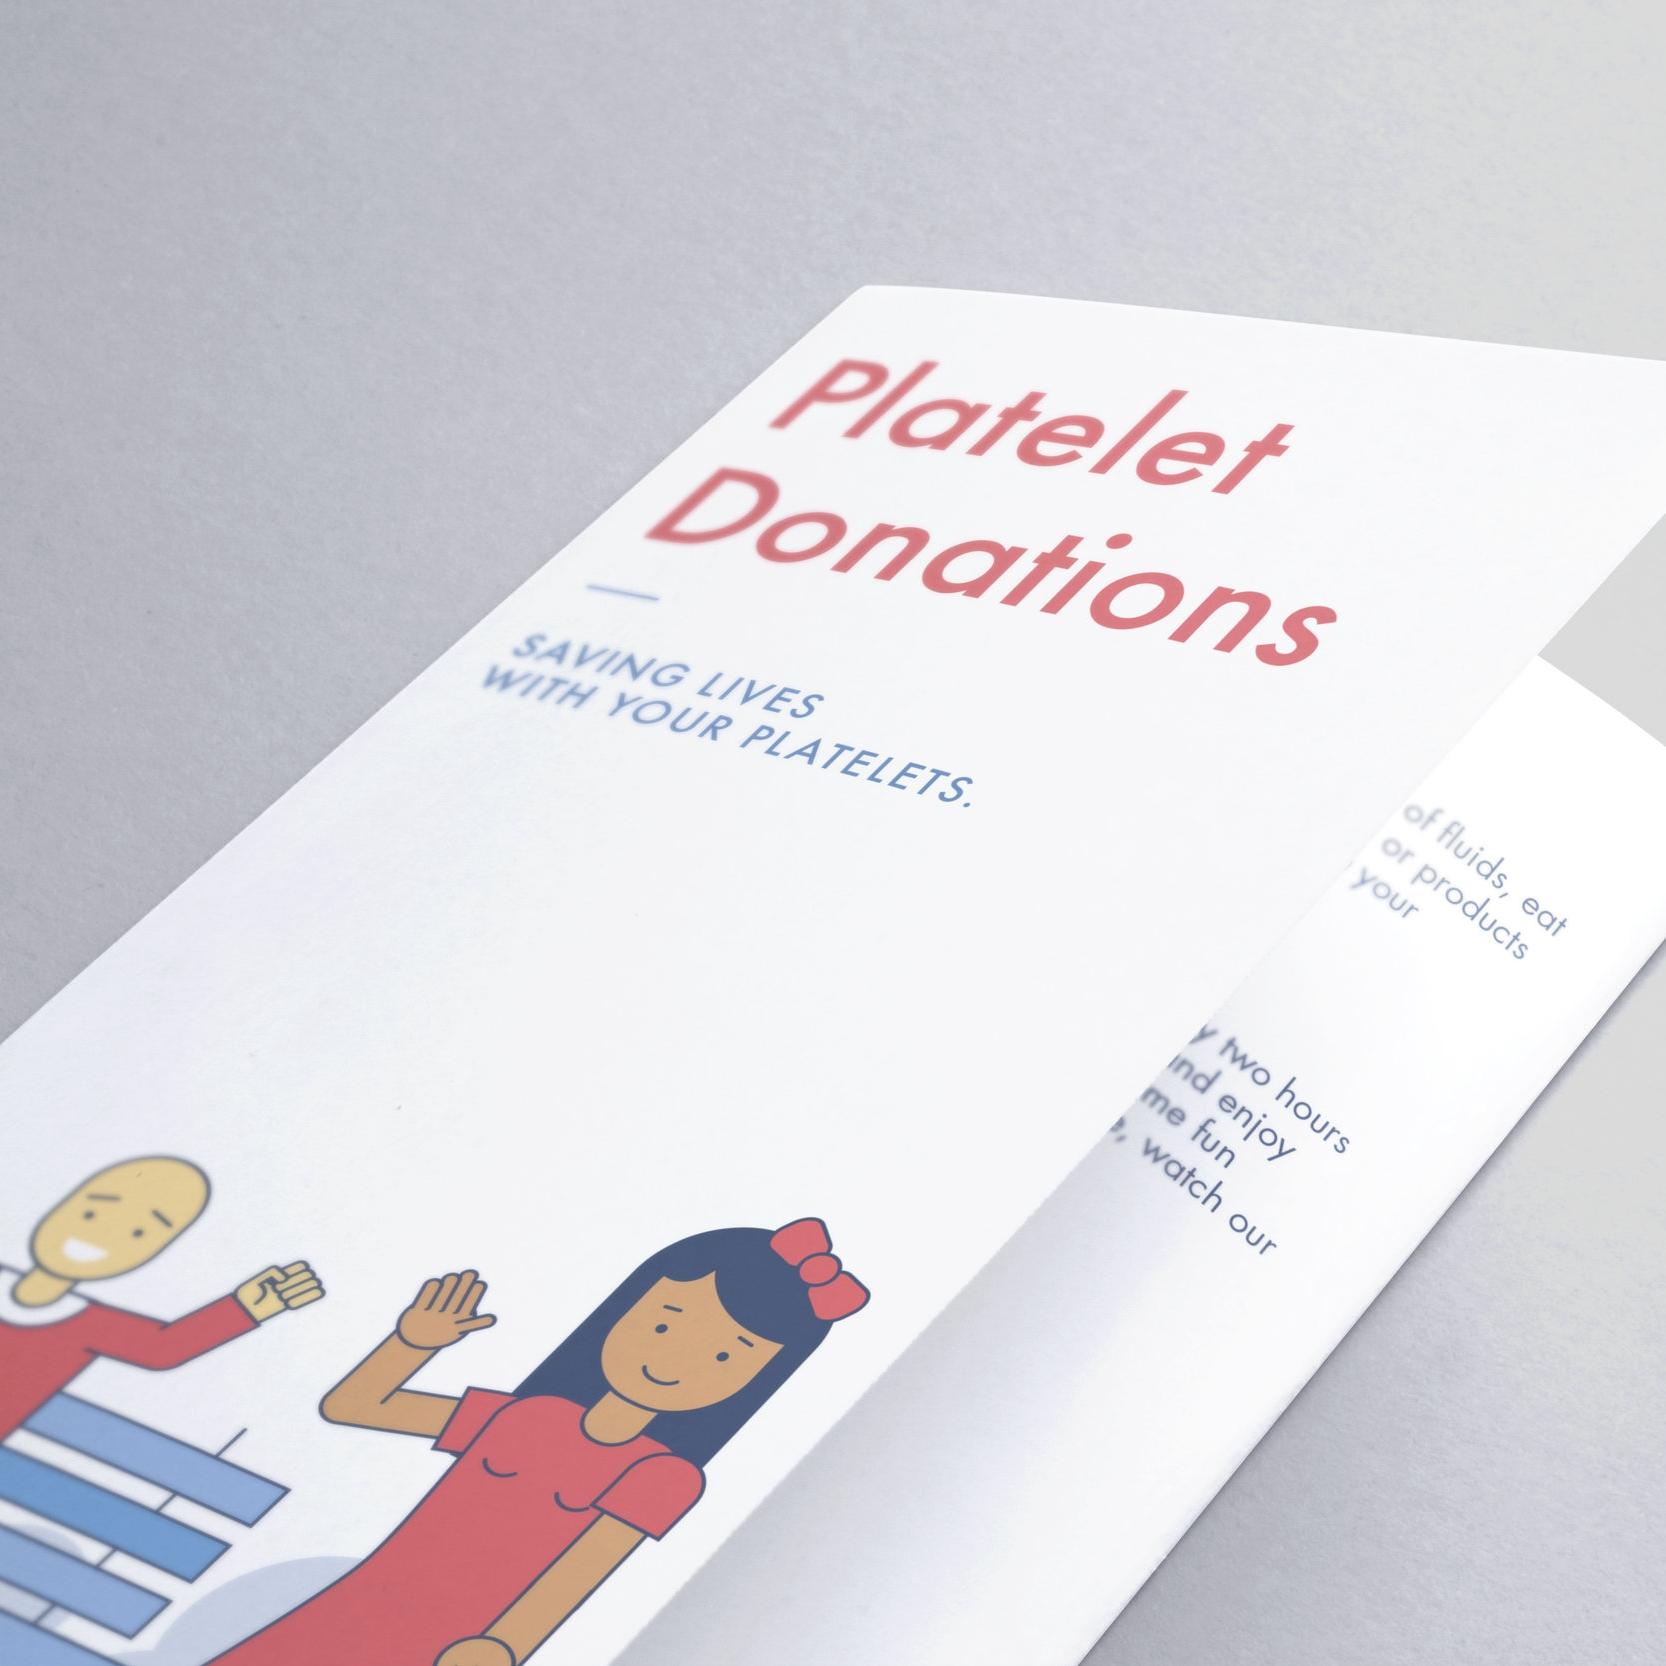 Donor Campaign